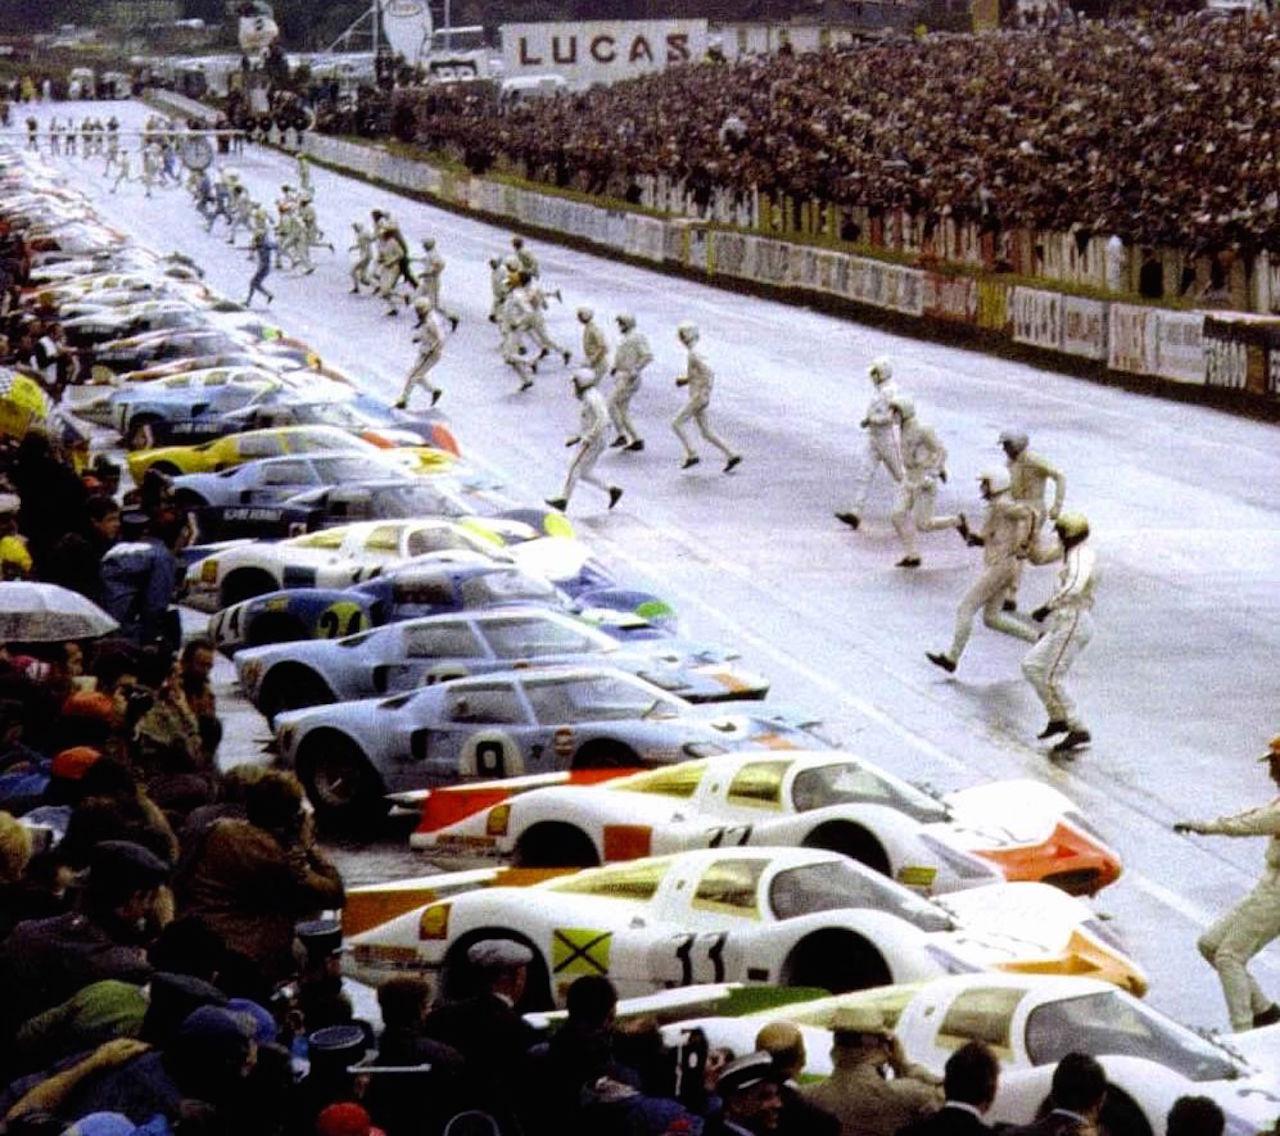 Les 24h du Mans : Histoires & anecdotes #1 7